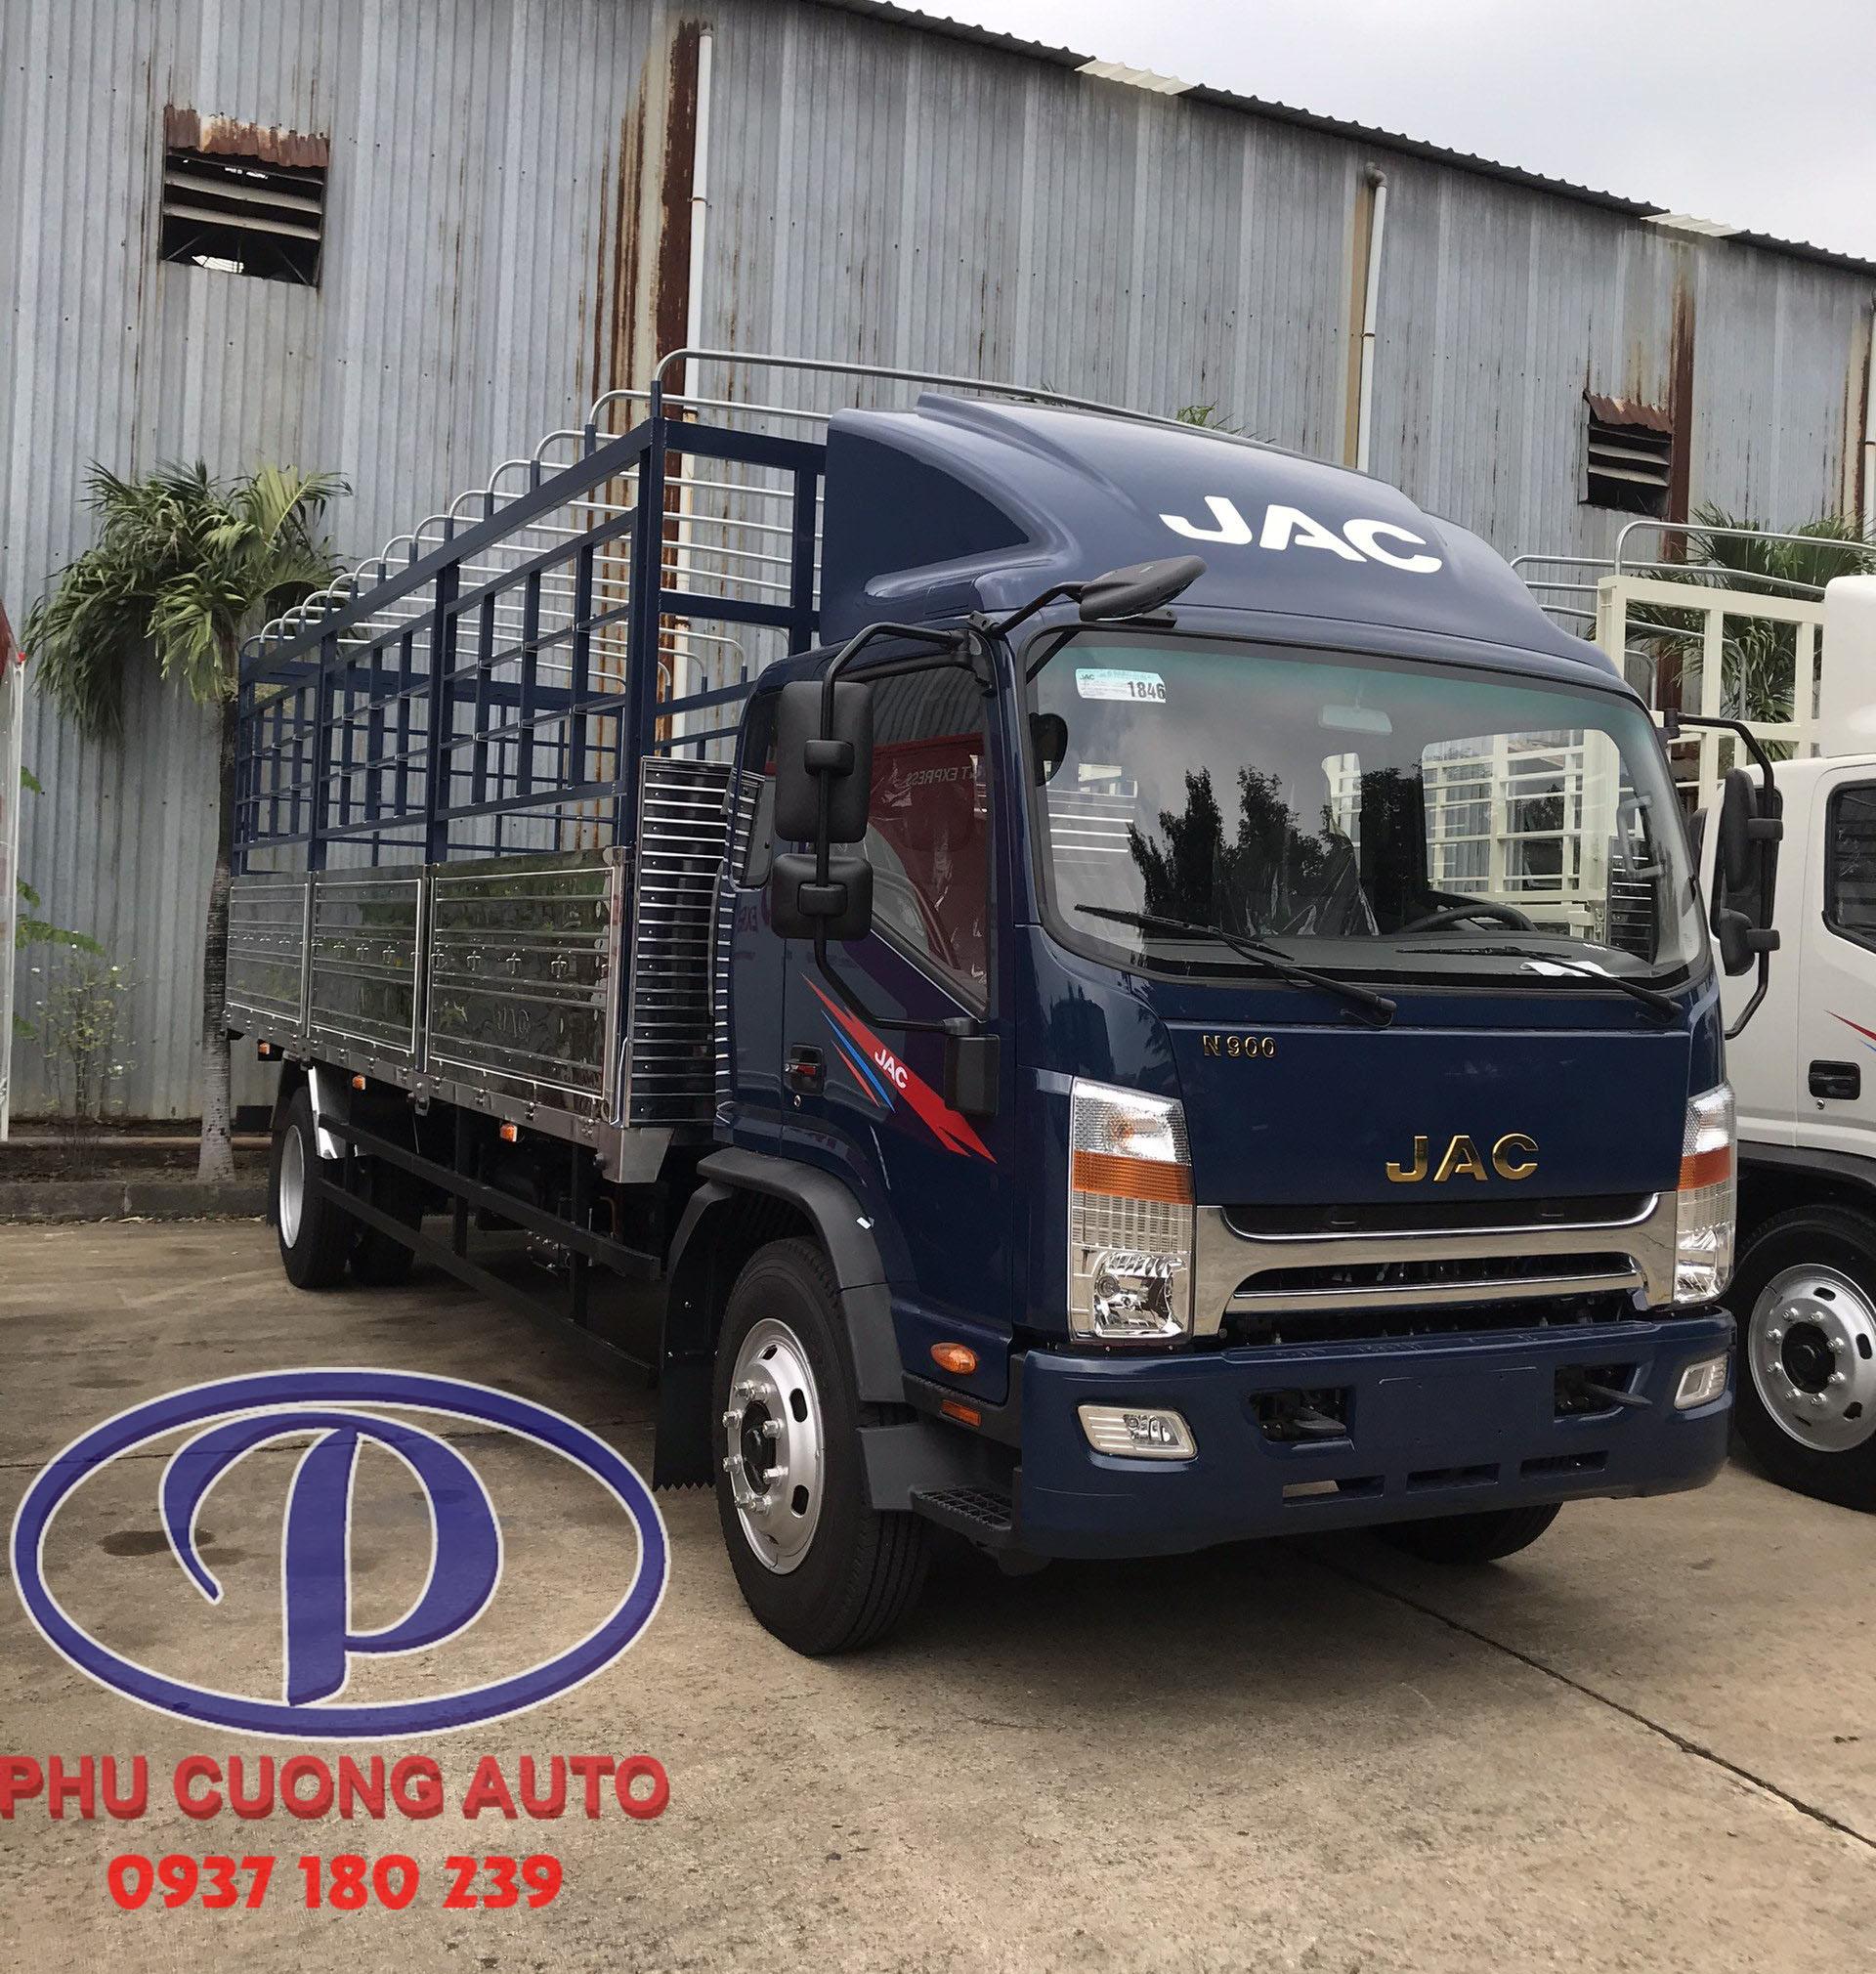 xe tải JAC N900 thùng dài 6,72m tải 9 tấn sản phẩm mới cuối năm 2020